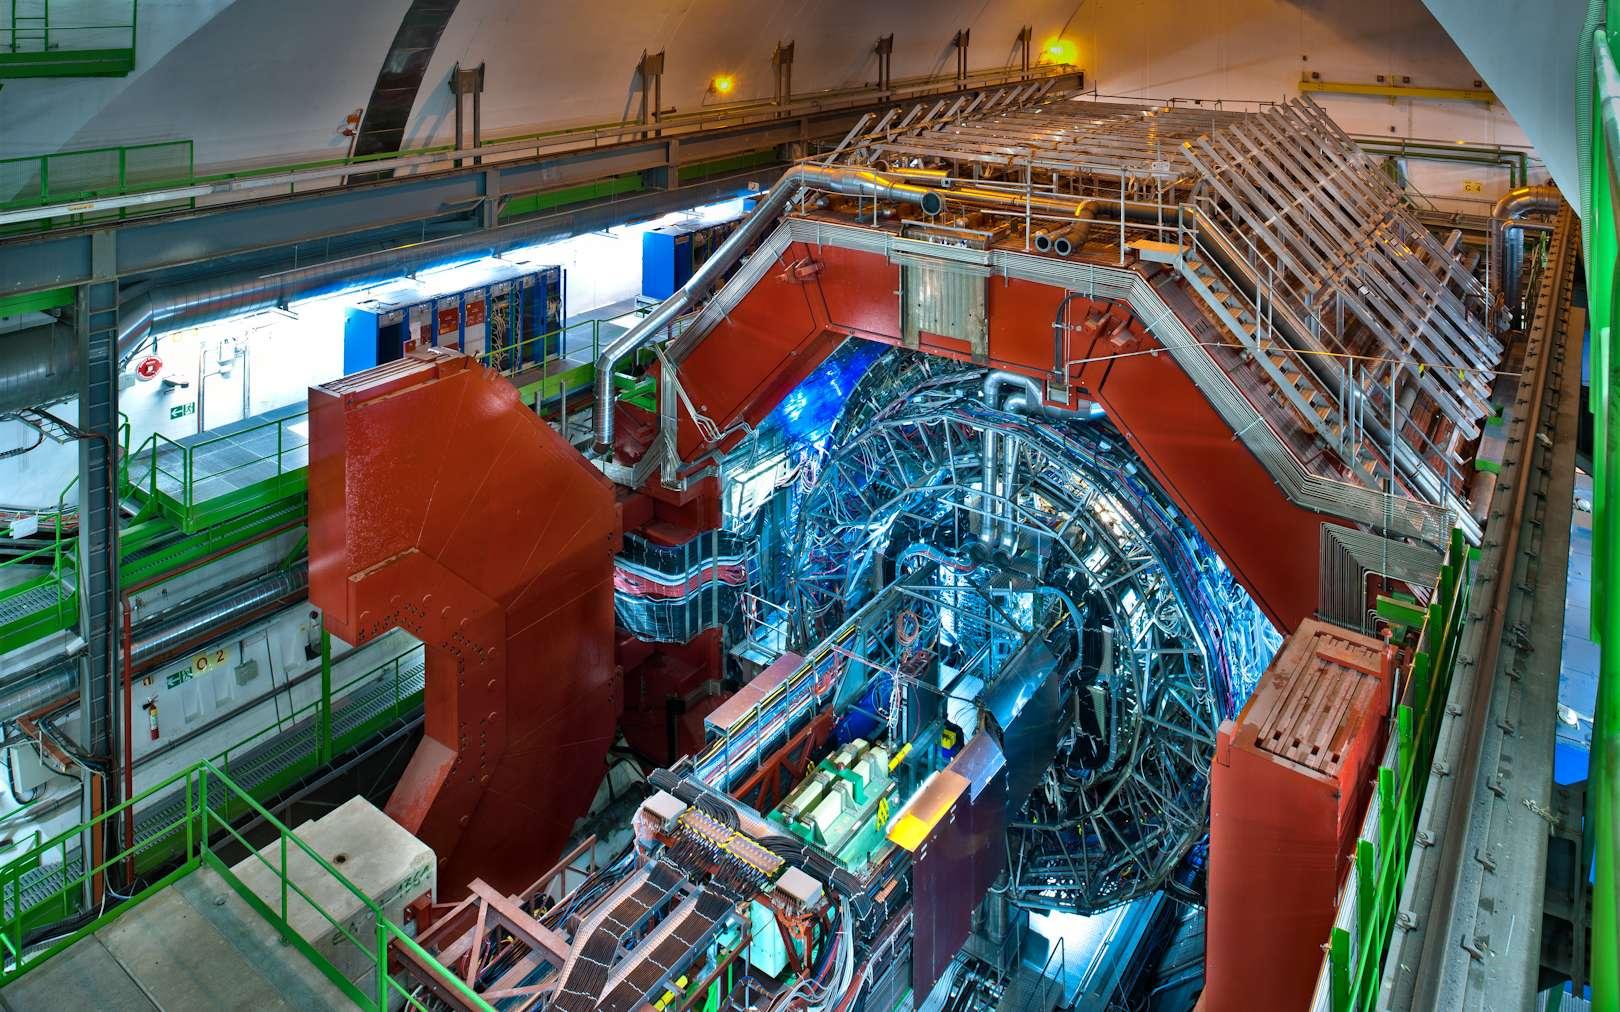 Une vue d'Alice (A Large Ion Collider Experiment) au Cern. Ce détecteur géant permet d'explorer la physique du plasma de quarks-gluons au LHC. © Cern, Antonio Saba